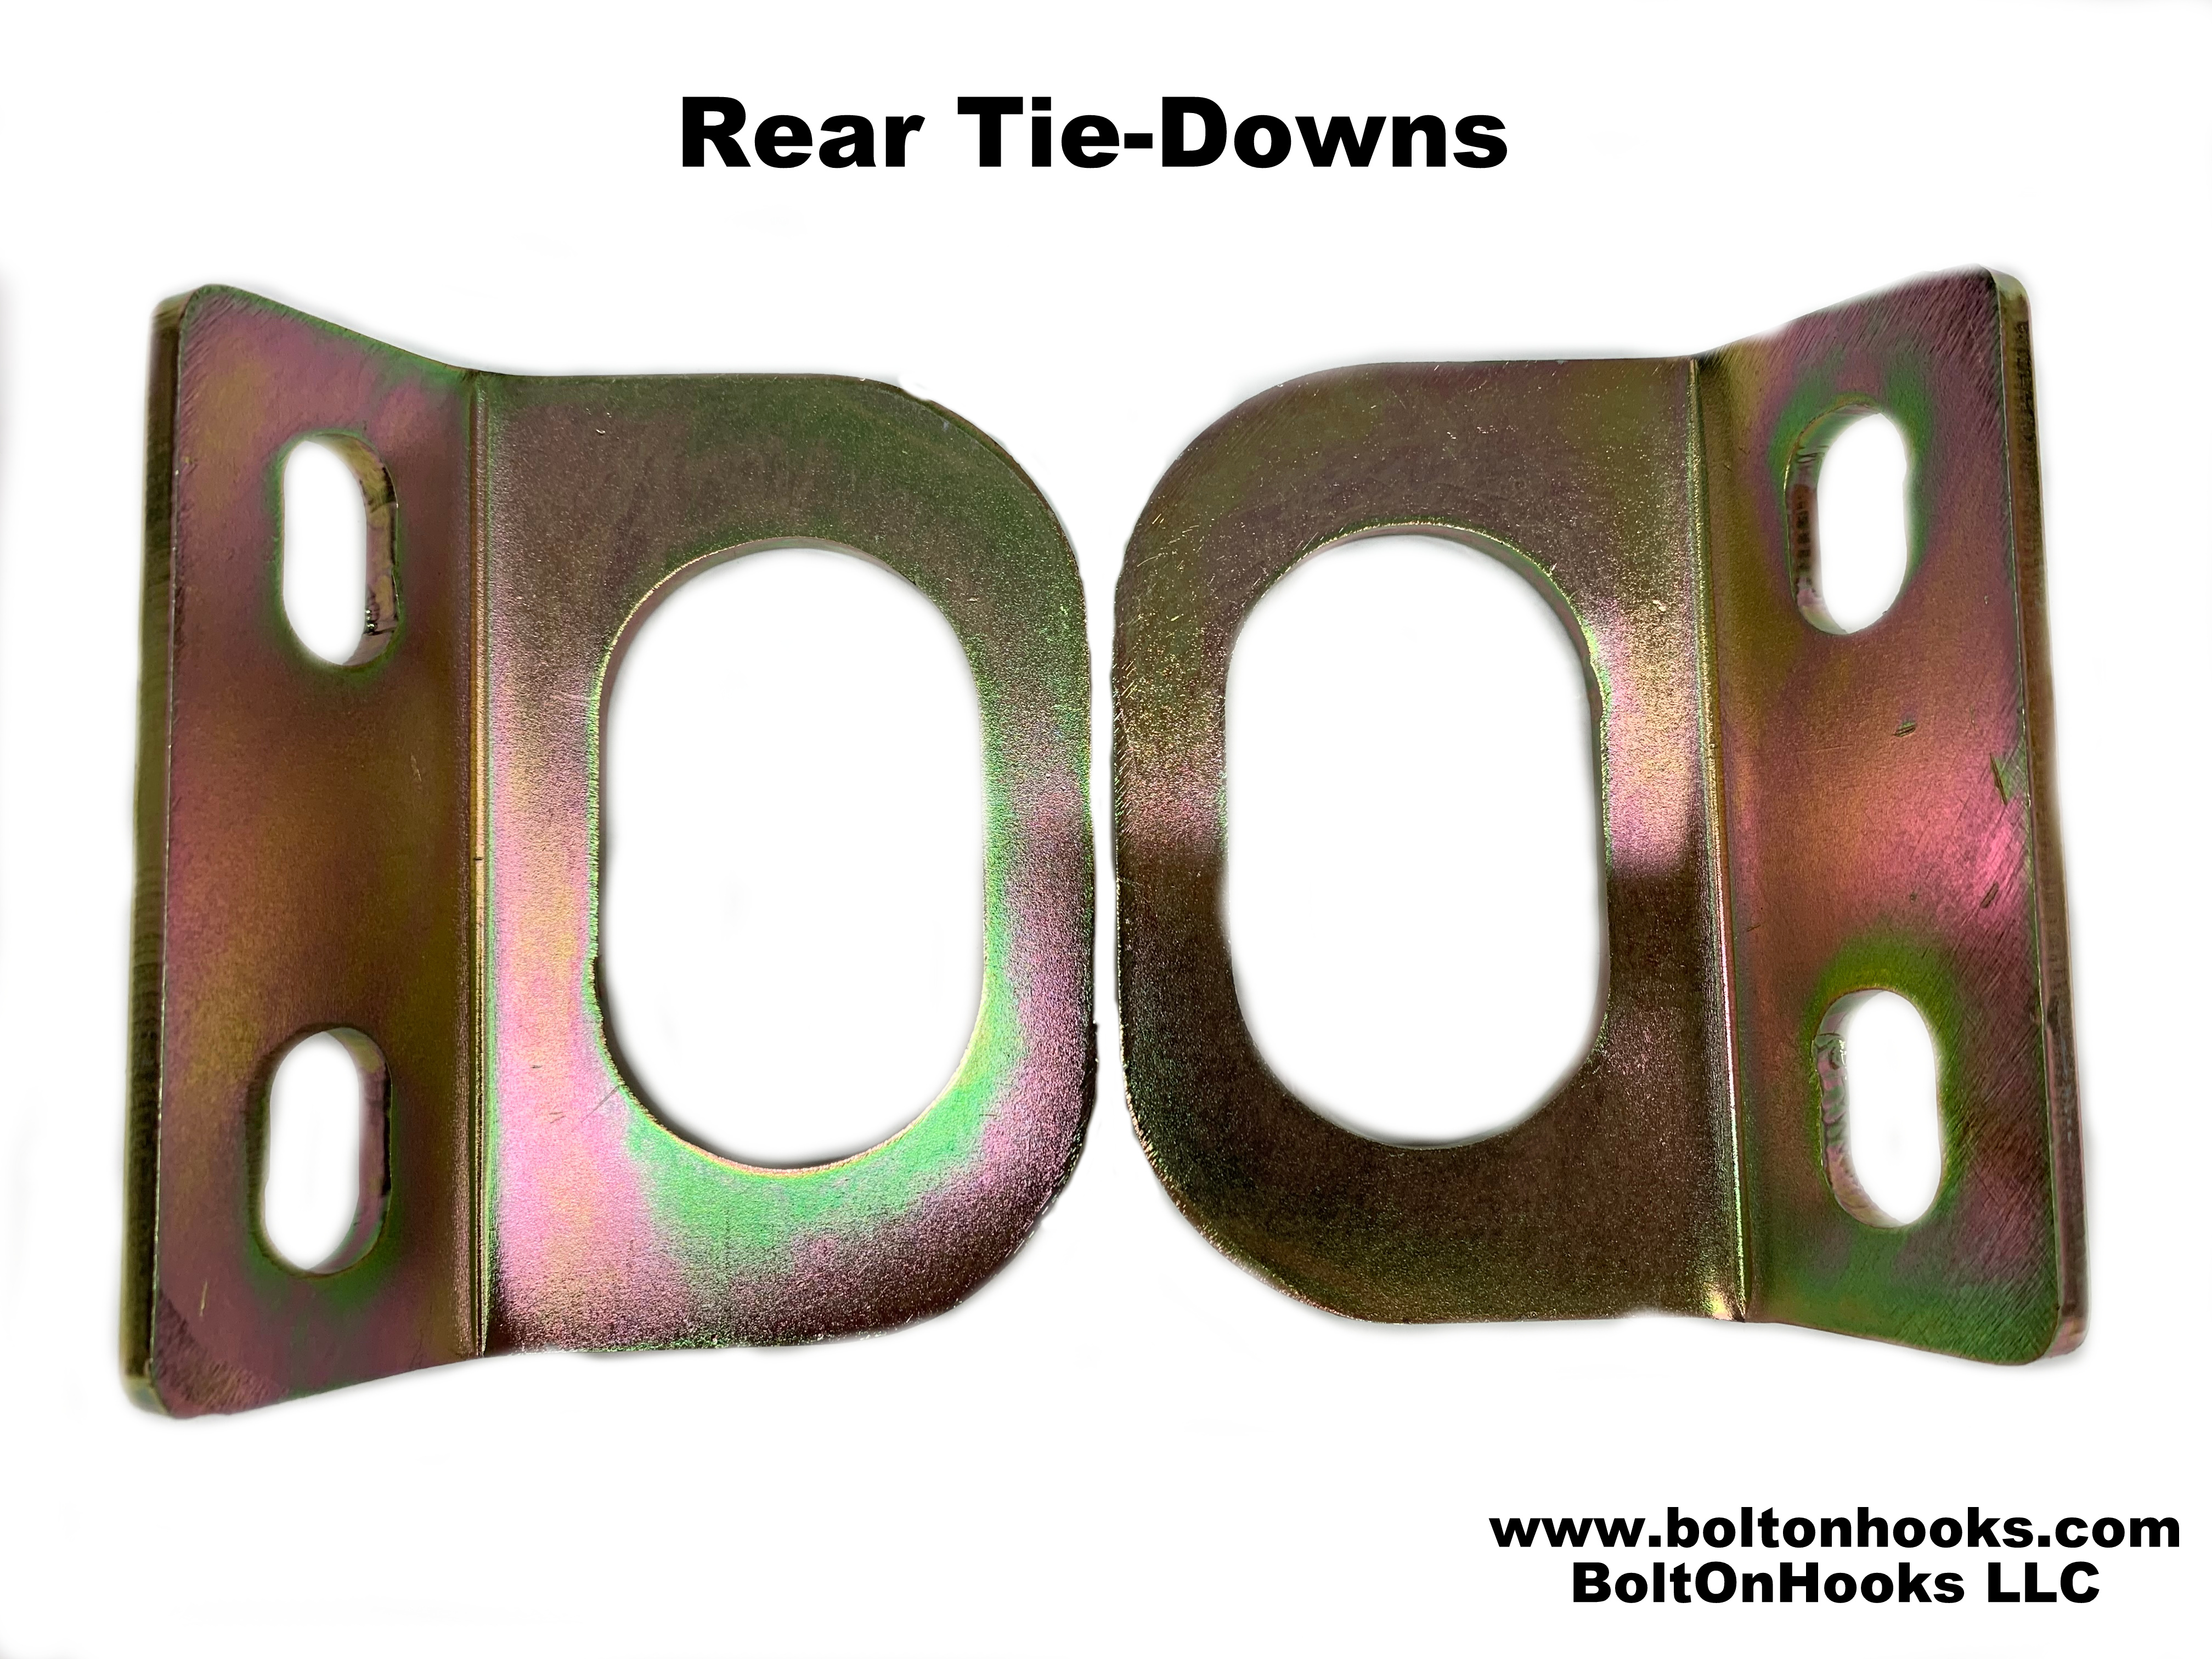 Rear Tie Down.jpg